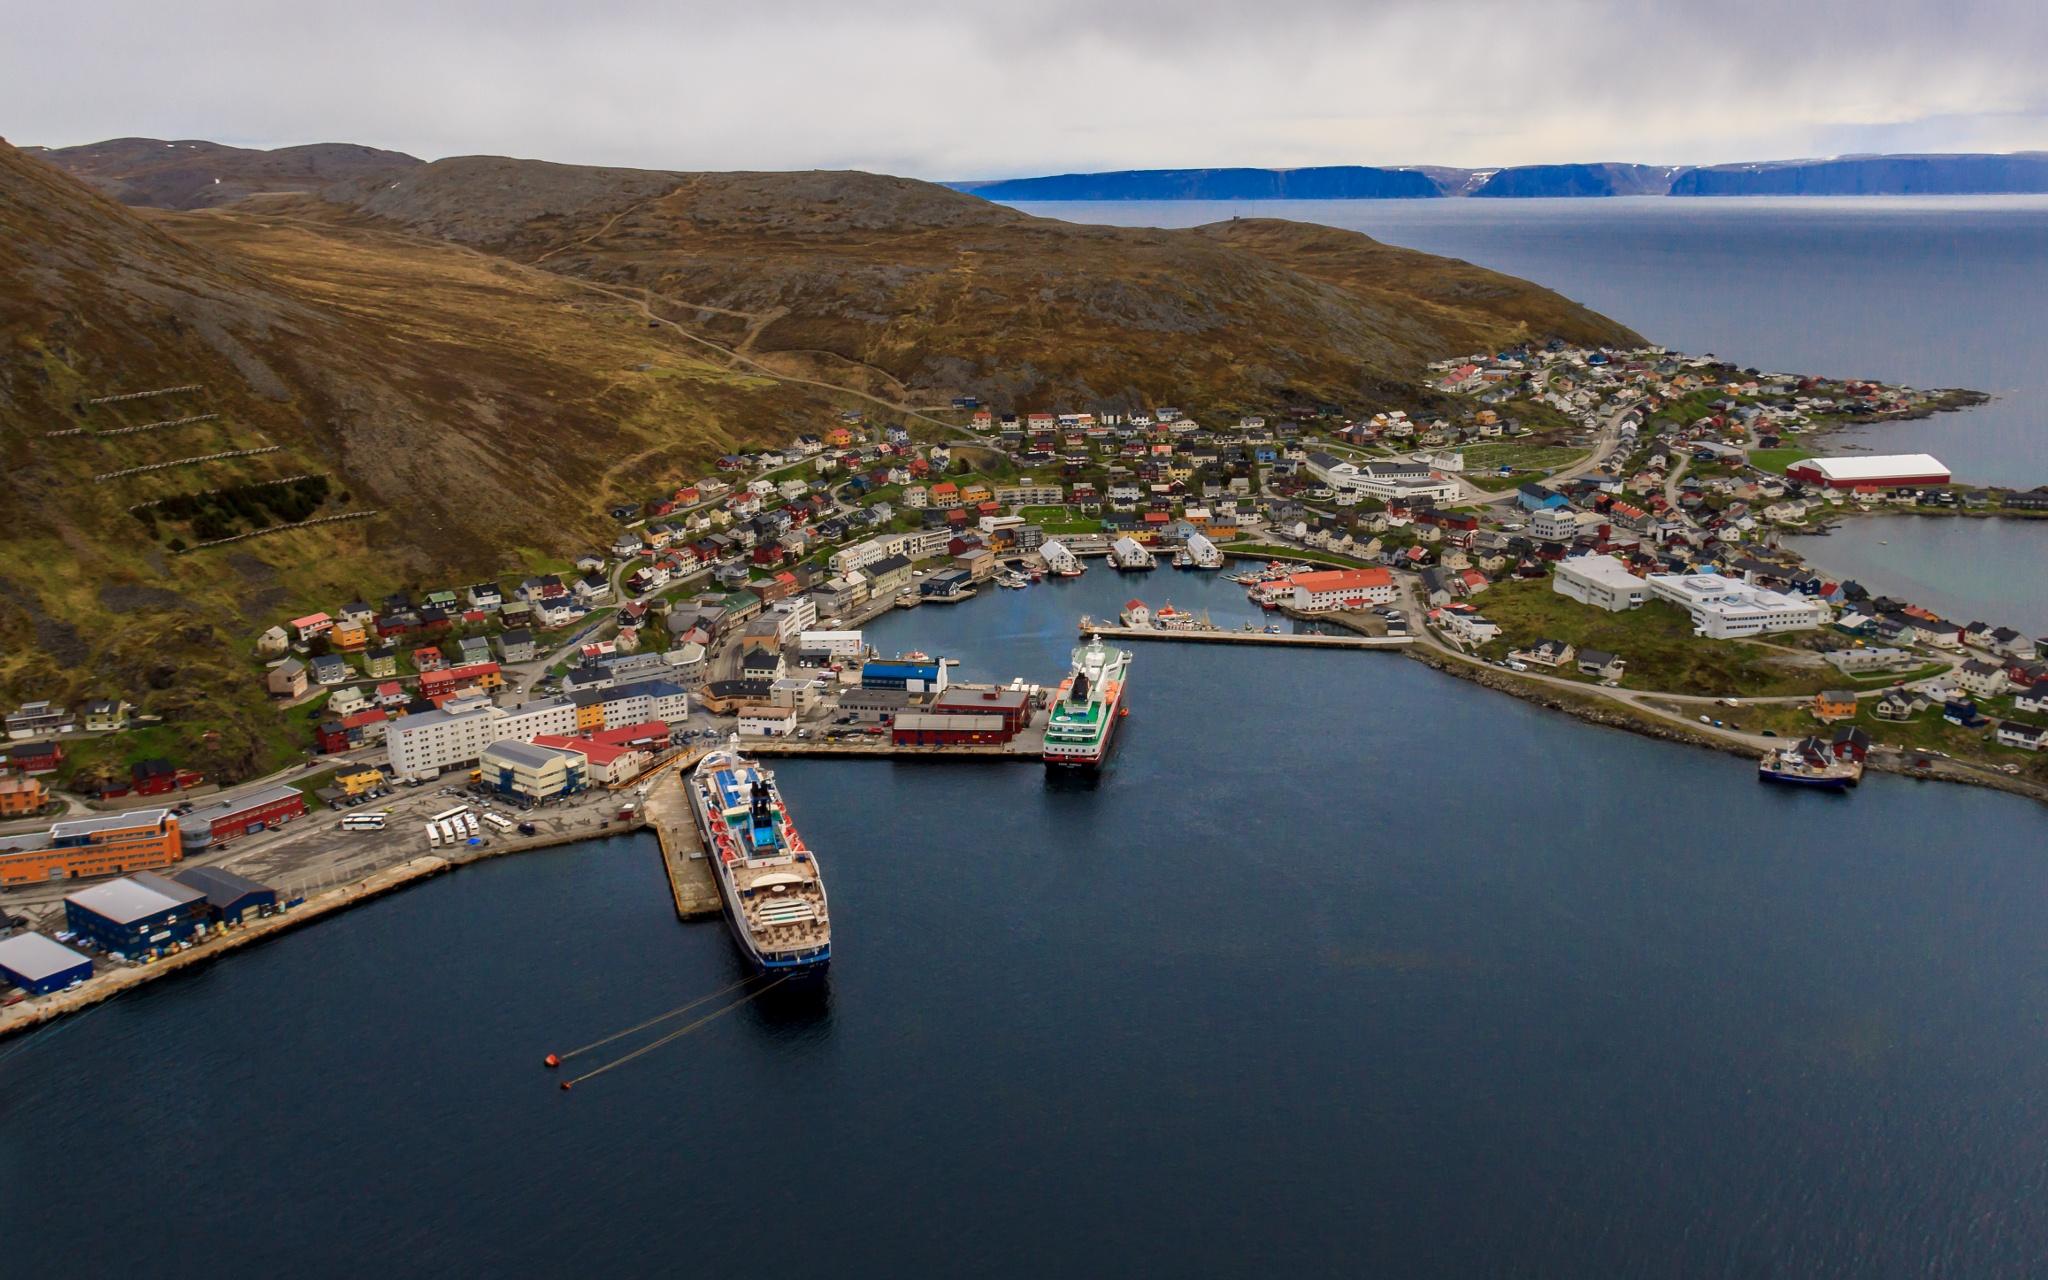 Photo in Cityscape #2015 #500d #canon #eos #h-våg #hurtigruten #june #norge #barentsregionen #building #bygning #båt #crus #finnmark #fjell #flickr #hav #helitrans #honningsvåg #house #hurtigruta #hus #juni #kjellbendik@gmail.com #kraftlaget #magerøya #mnd #ms kong harald #natur og landskap #nordnorge #northnorway #sea #skip #transport #year